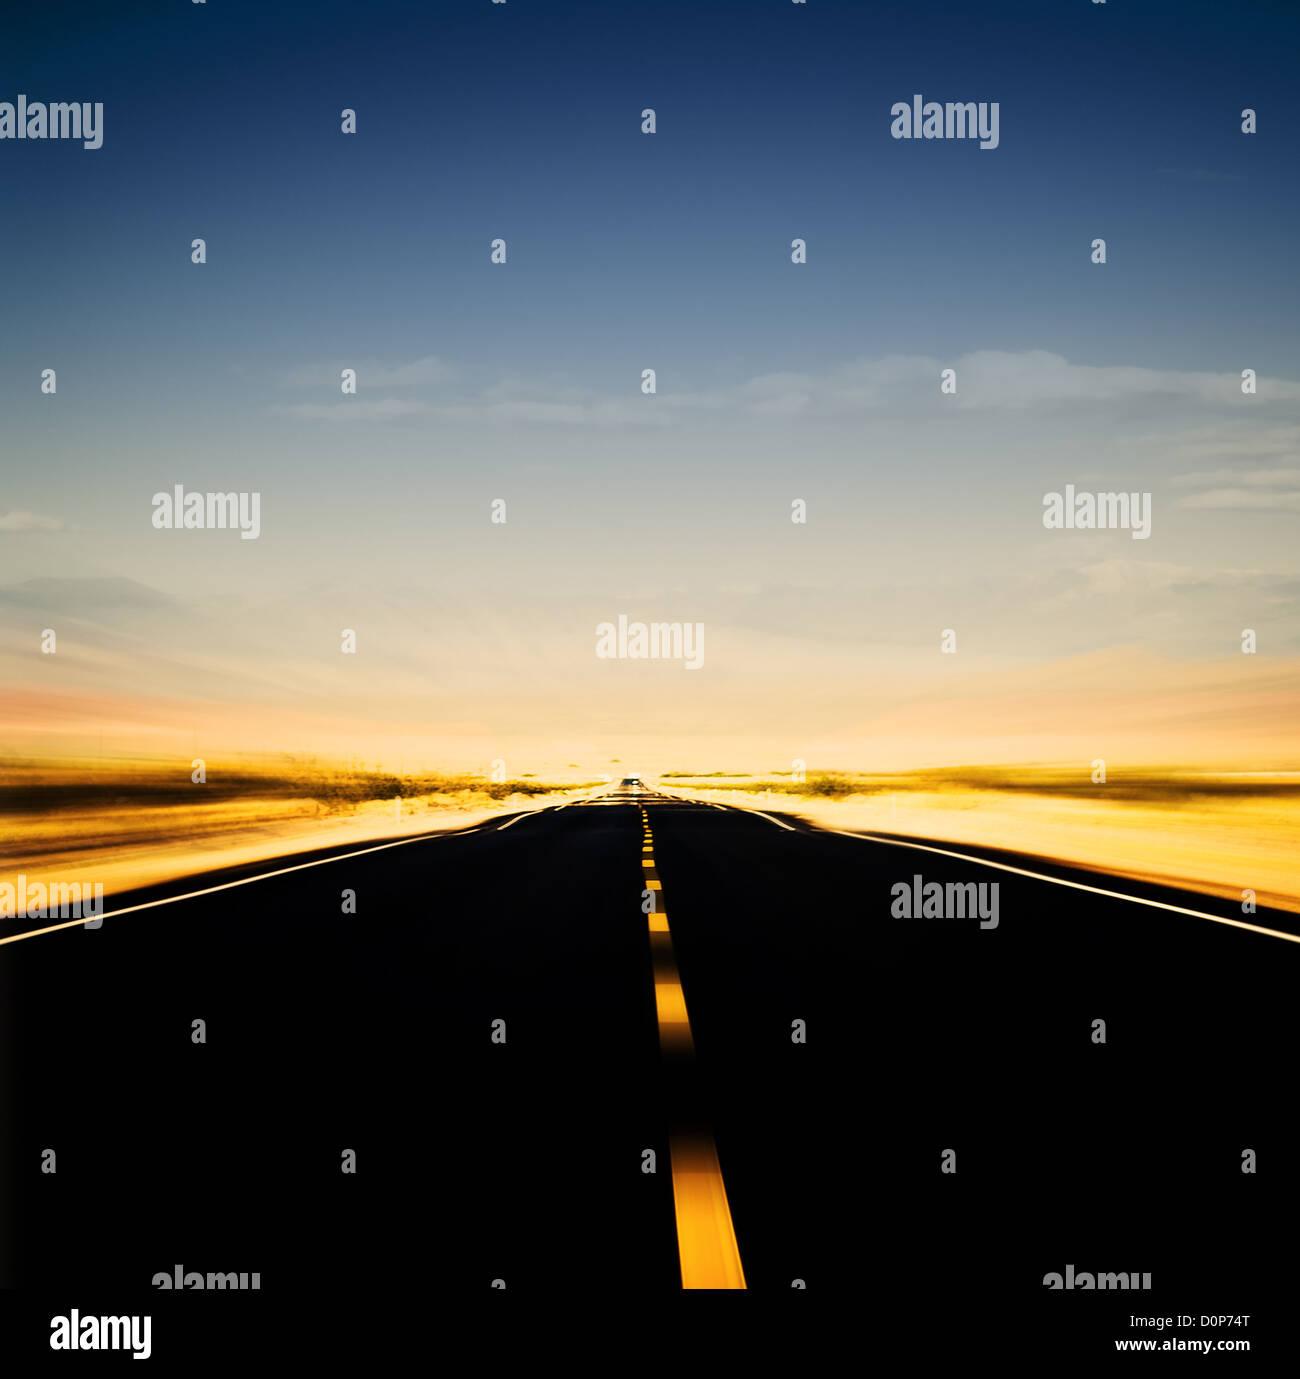 Image dynamique de l'autoroute et ciel bleu Photo Stock